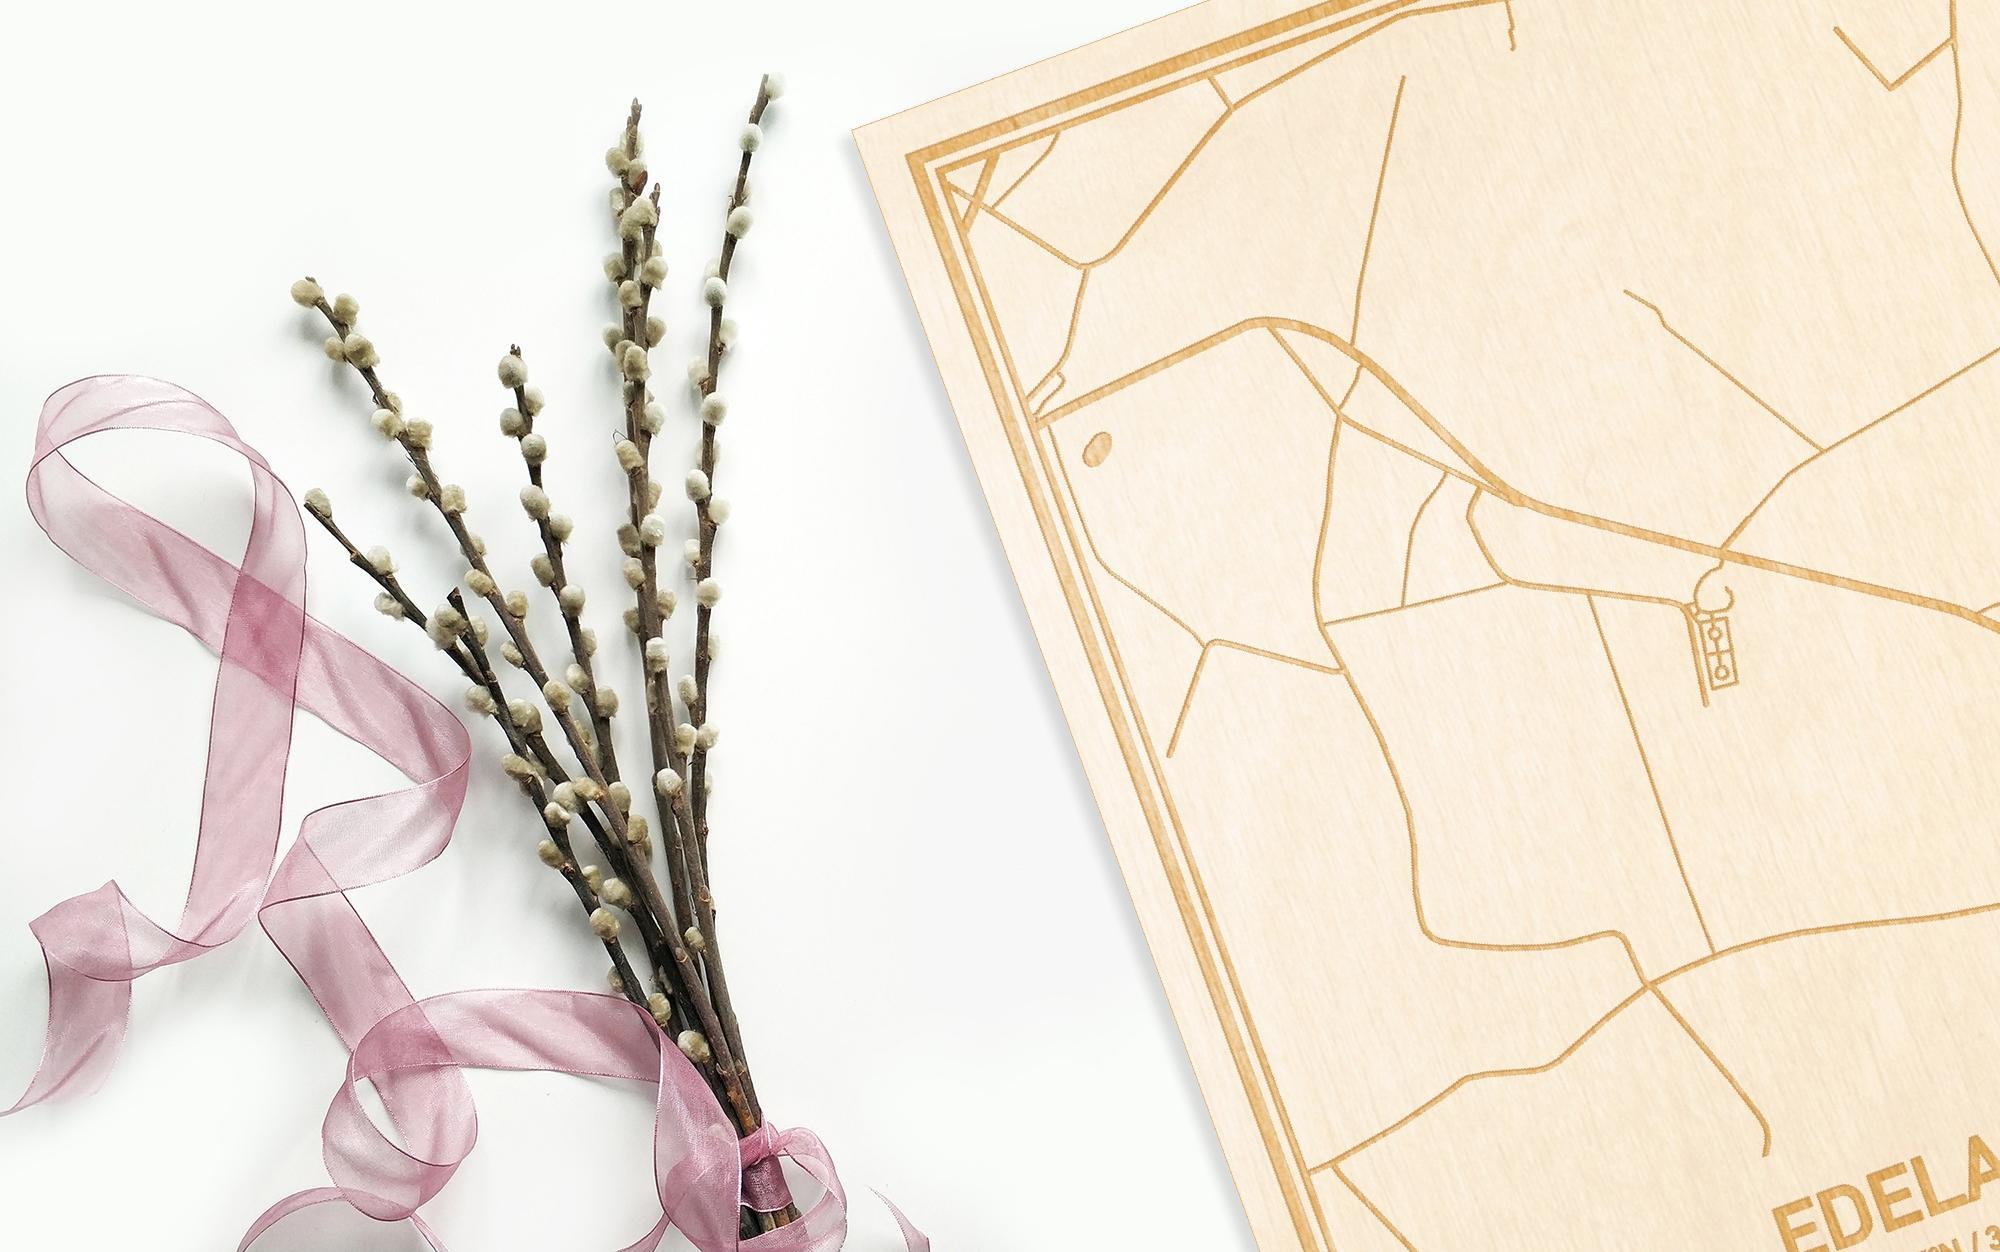 Hier ligt de houten plattegrond Edelare naast een bloemetje als gepersonaliseerd cadeau voor haar.